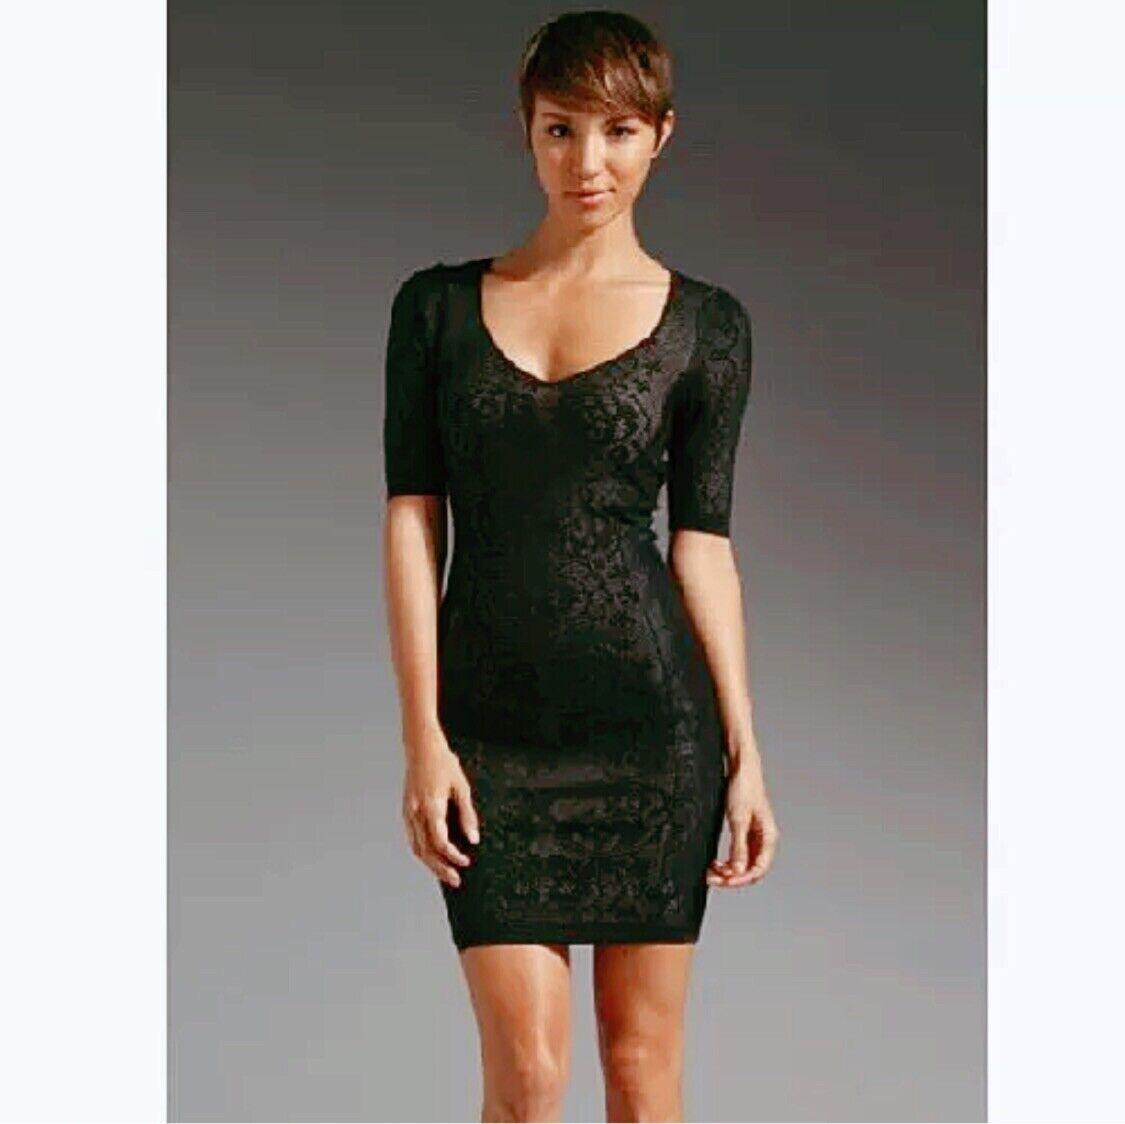 NEW Z Spoke Zac Posen schwarz Lace Stretch Sweater Sheath Dress SZ M 6 8